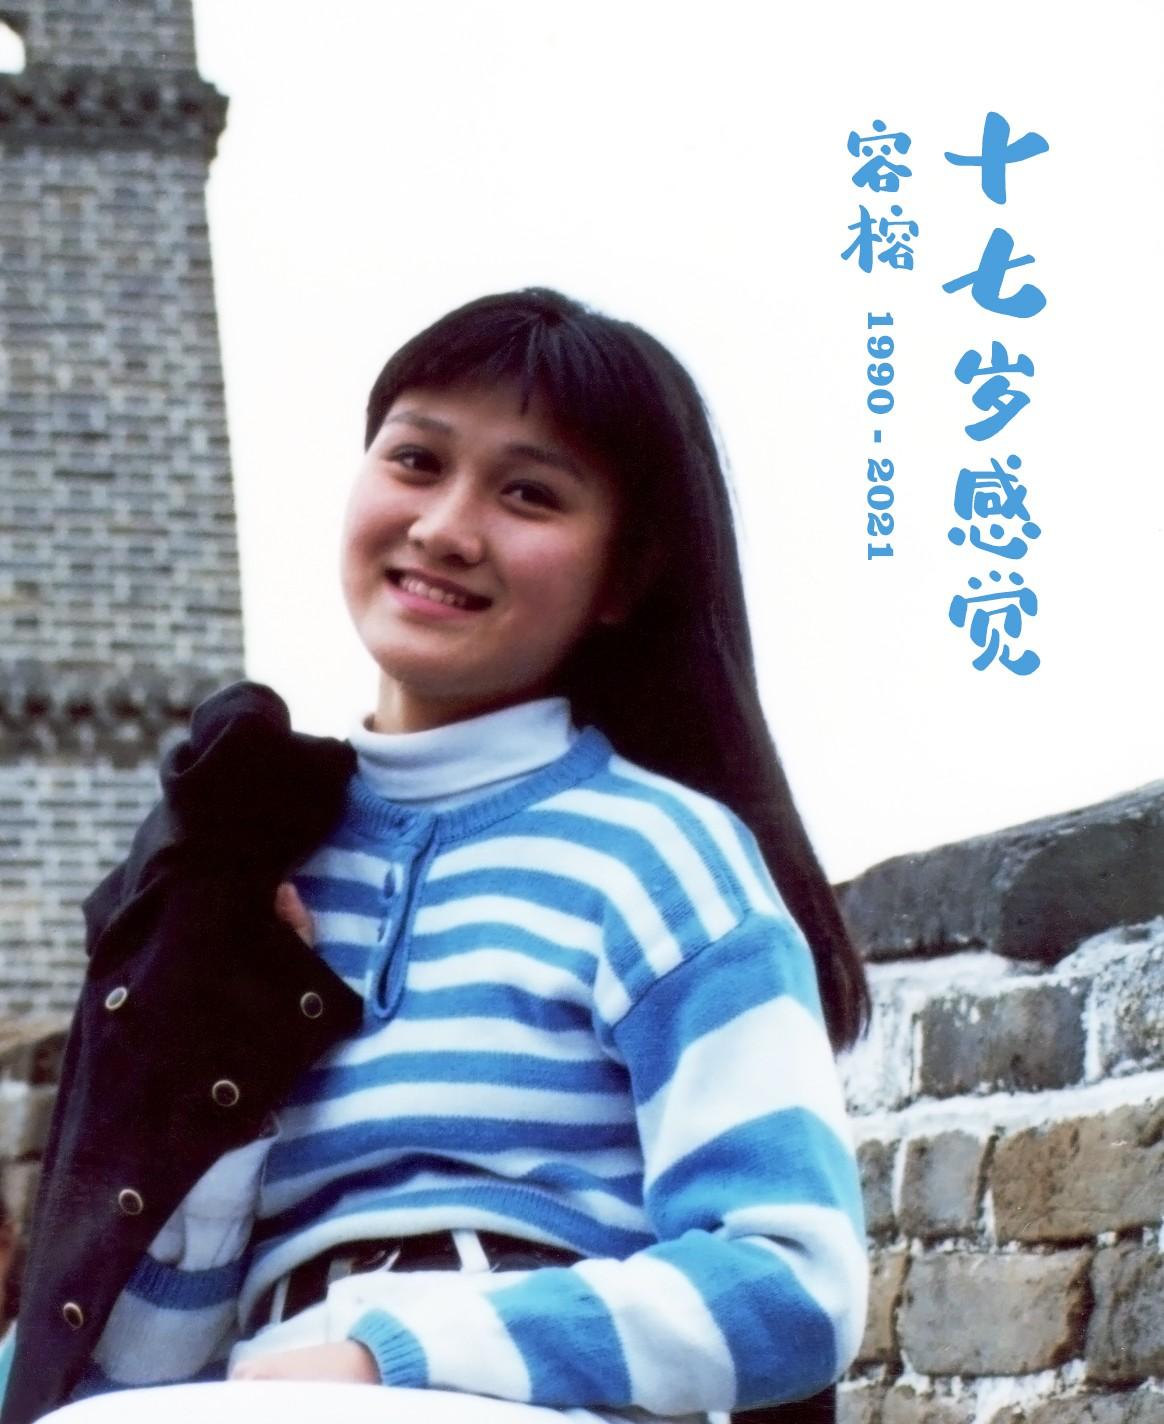 容榕 rongrong 十七岁感觉 alcoo 原创歌手 才女